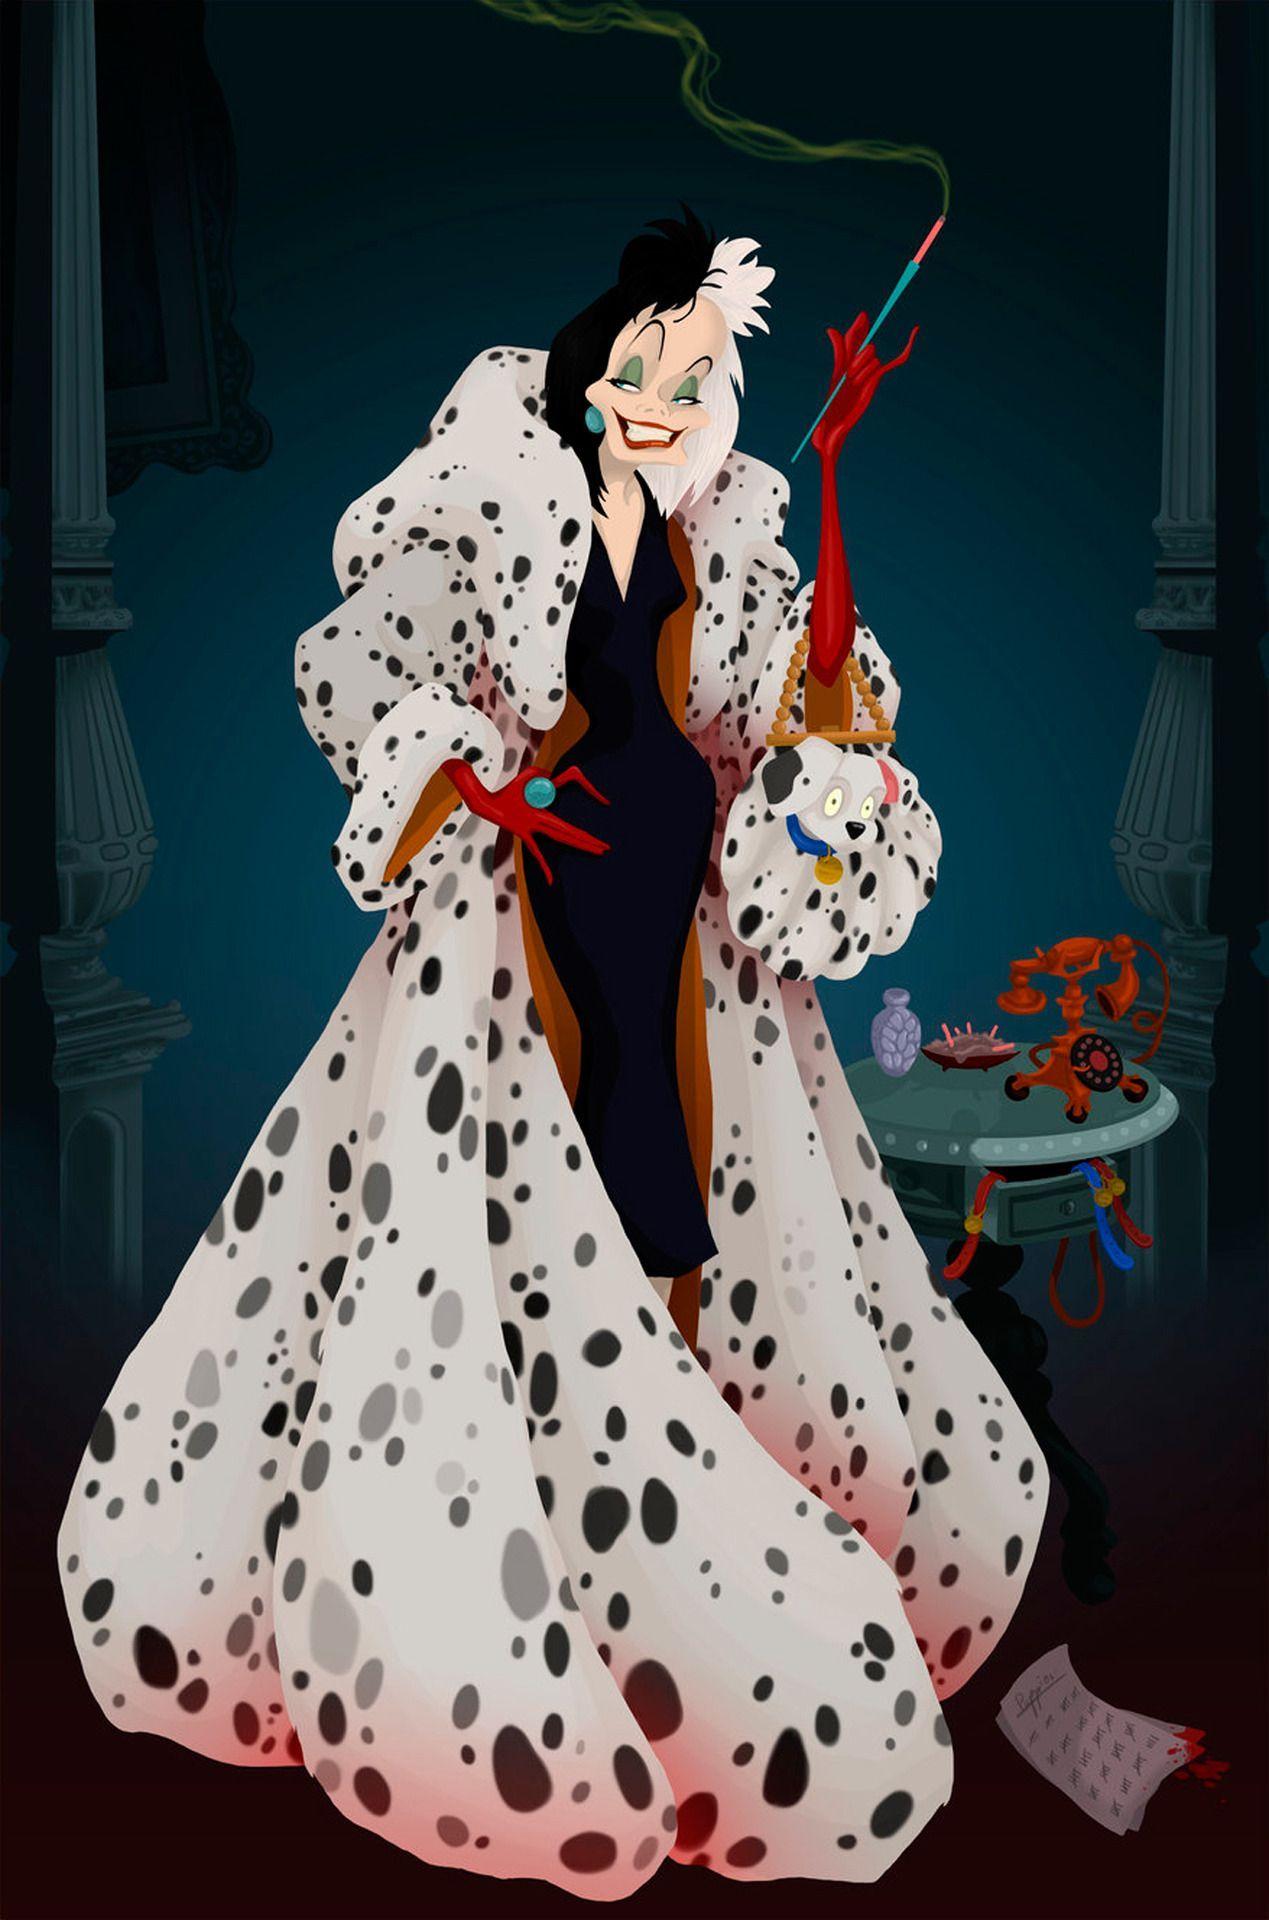 Cruella-De-Vil